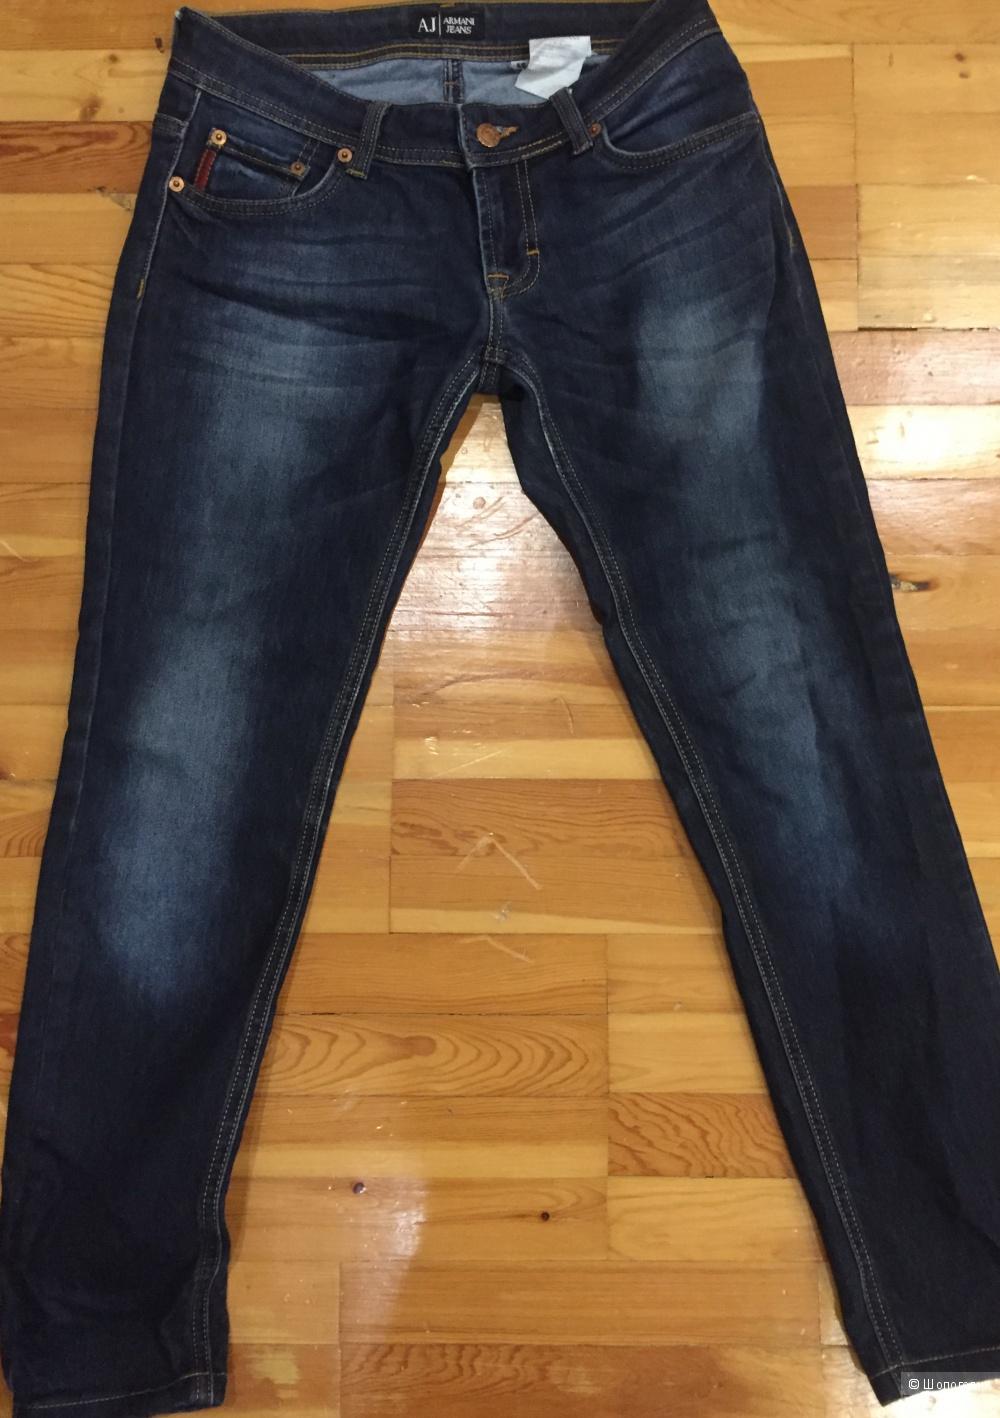 Джинсы Armani Jeans,28 р-р